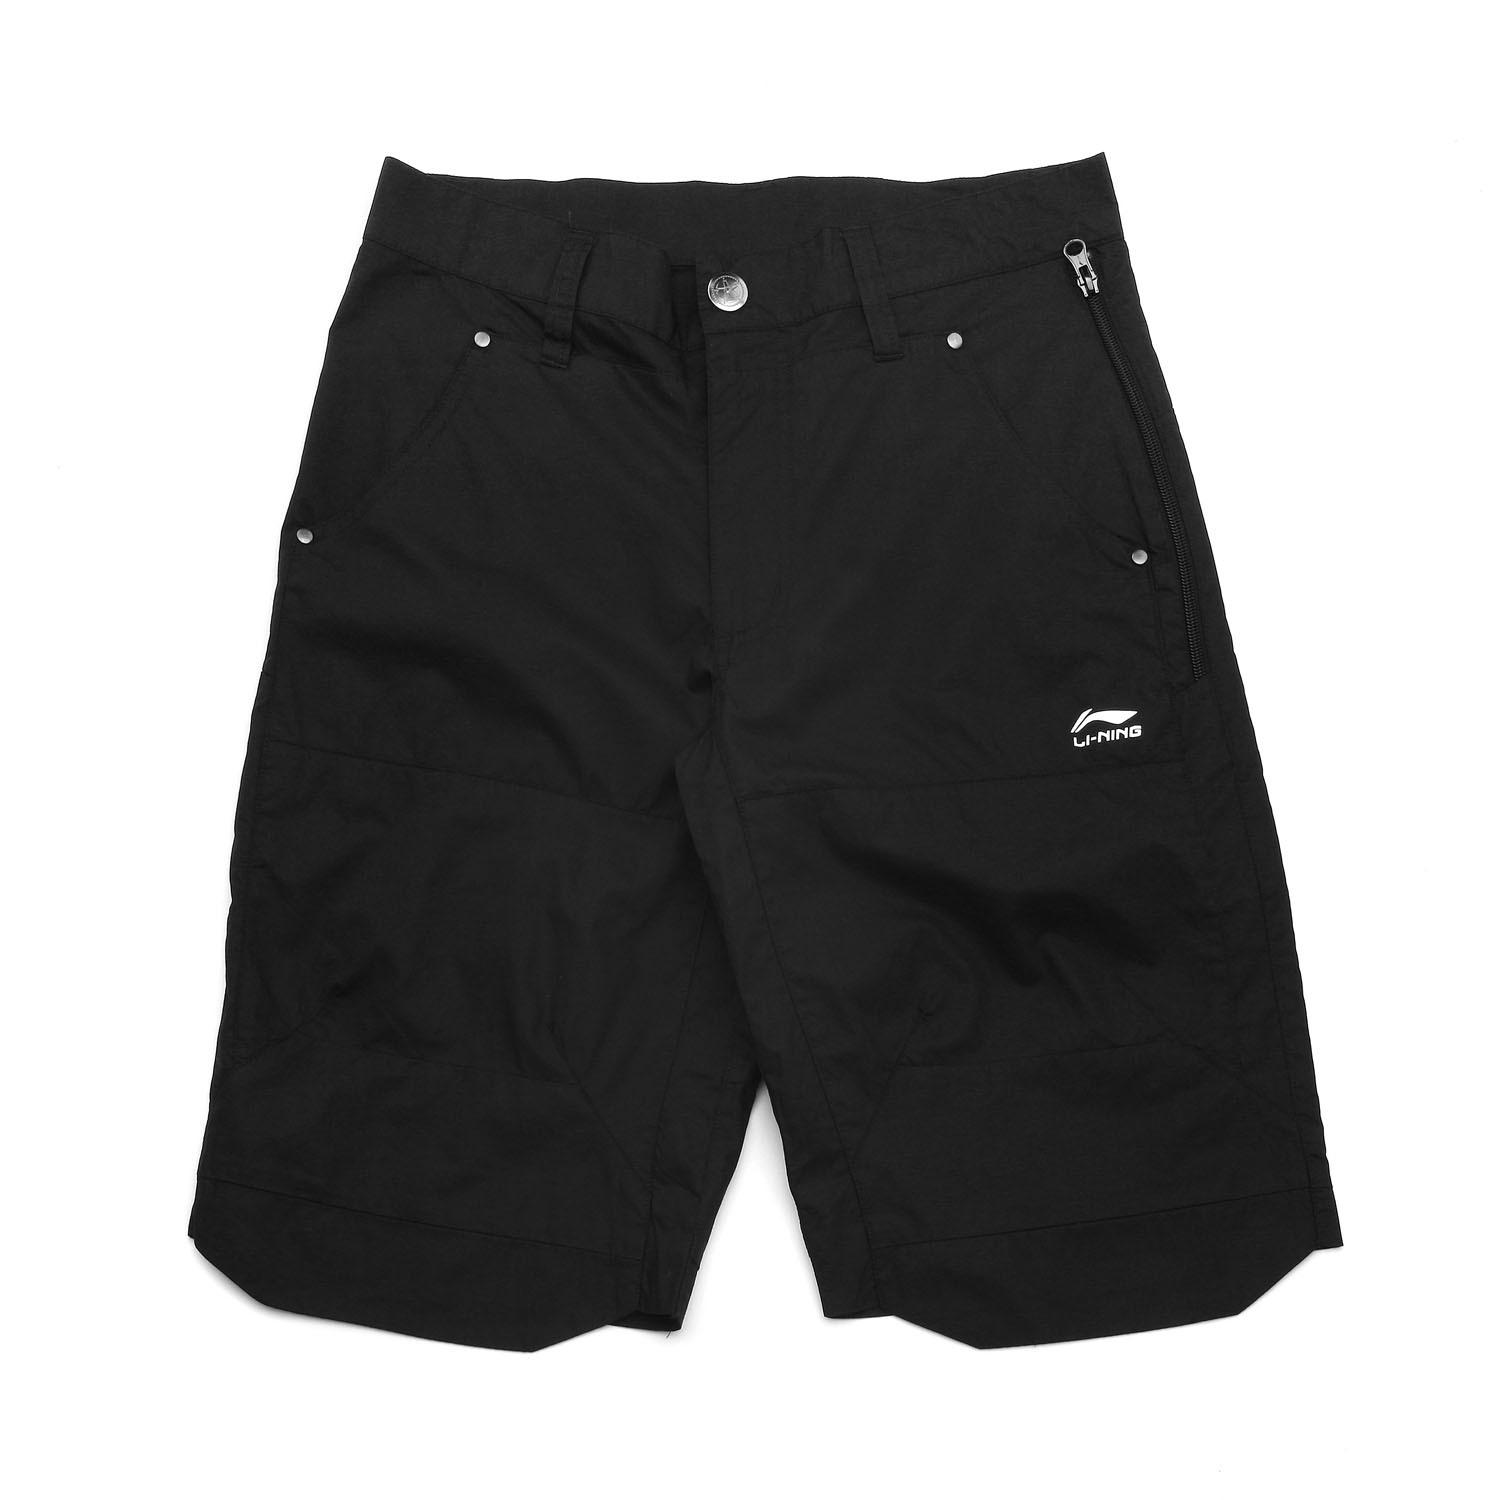 Спортивные шорты Lining akqf075/1 LI-NING AKQF075-1 Для мужчин Эластичный 100 хлопок Капри / бриджи ( длинные ) Для спорта и отдыха % 100% хлопок